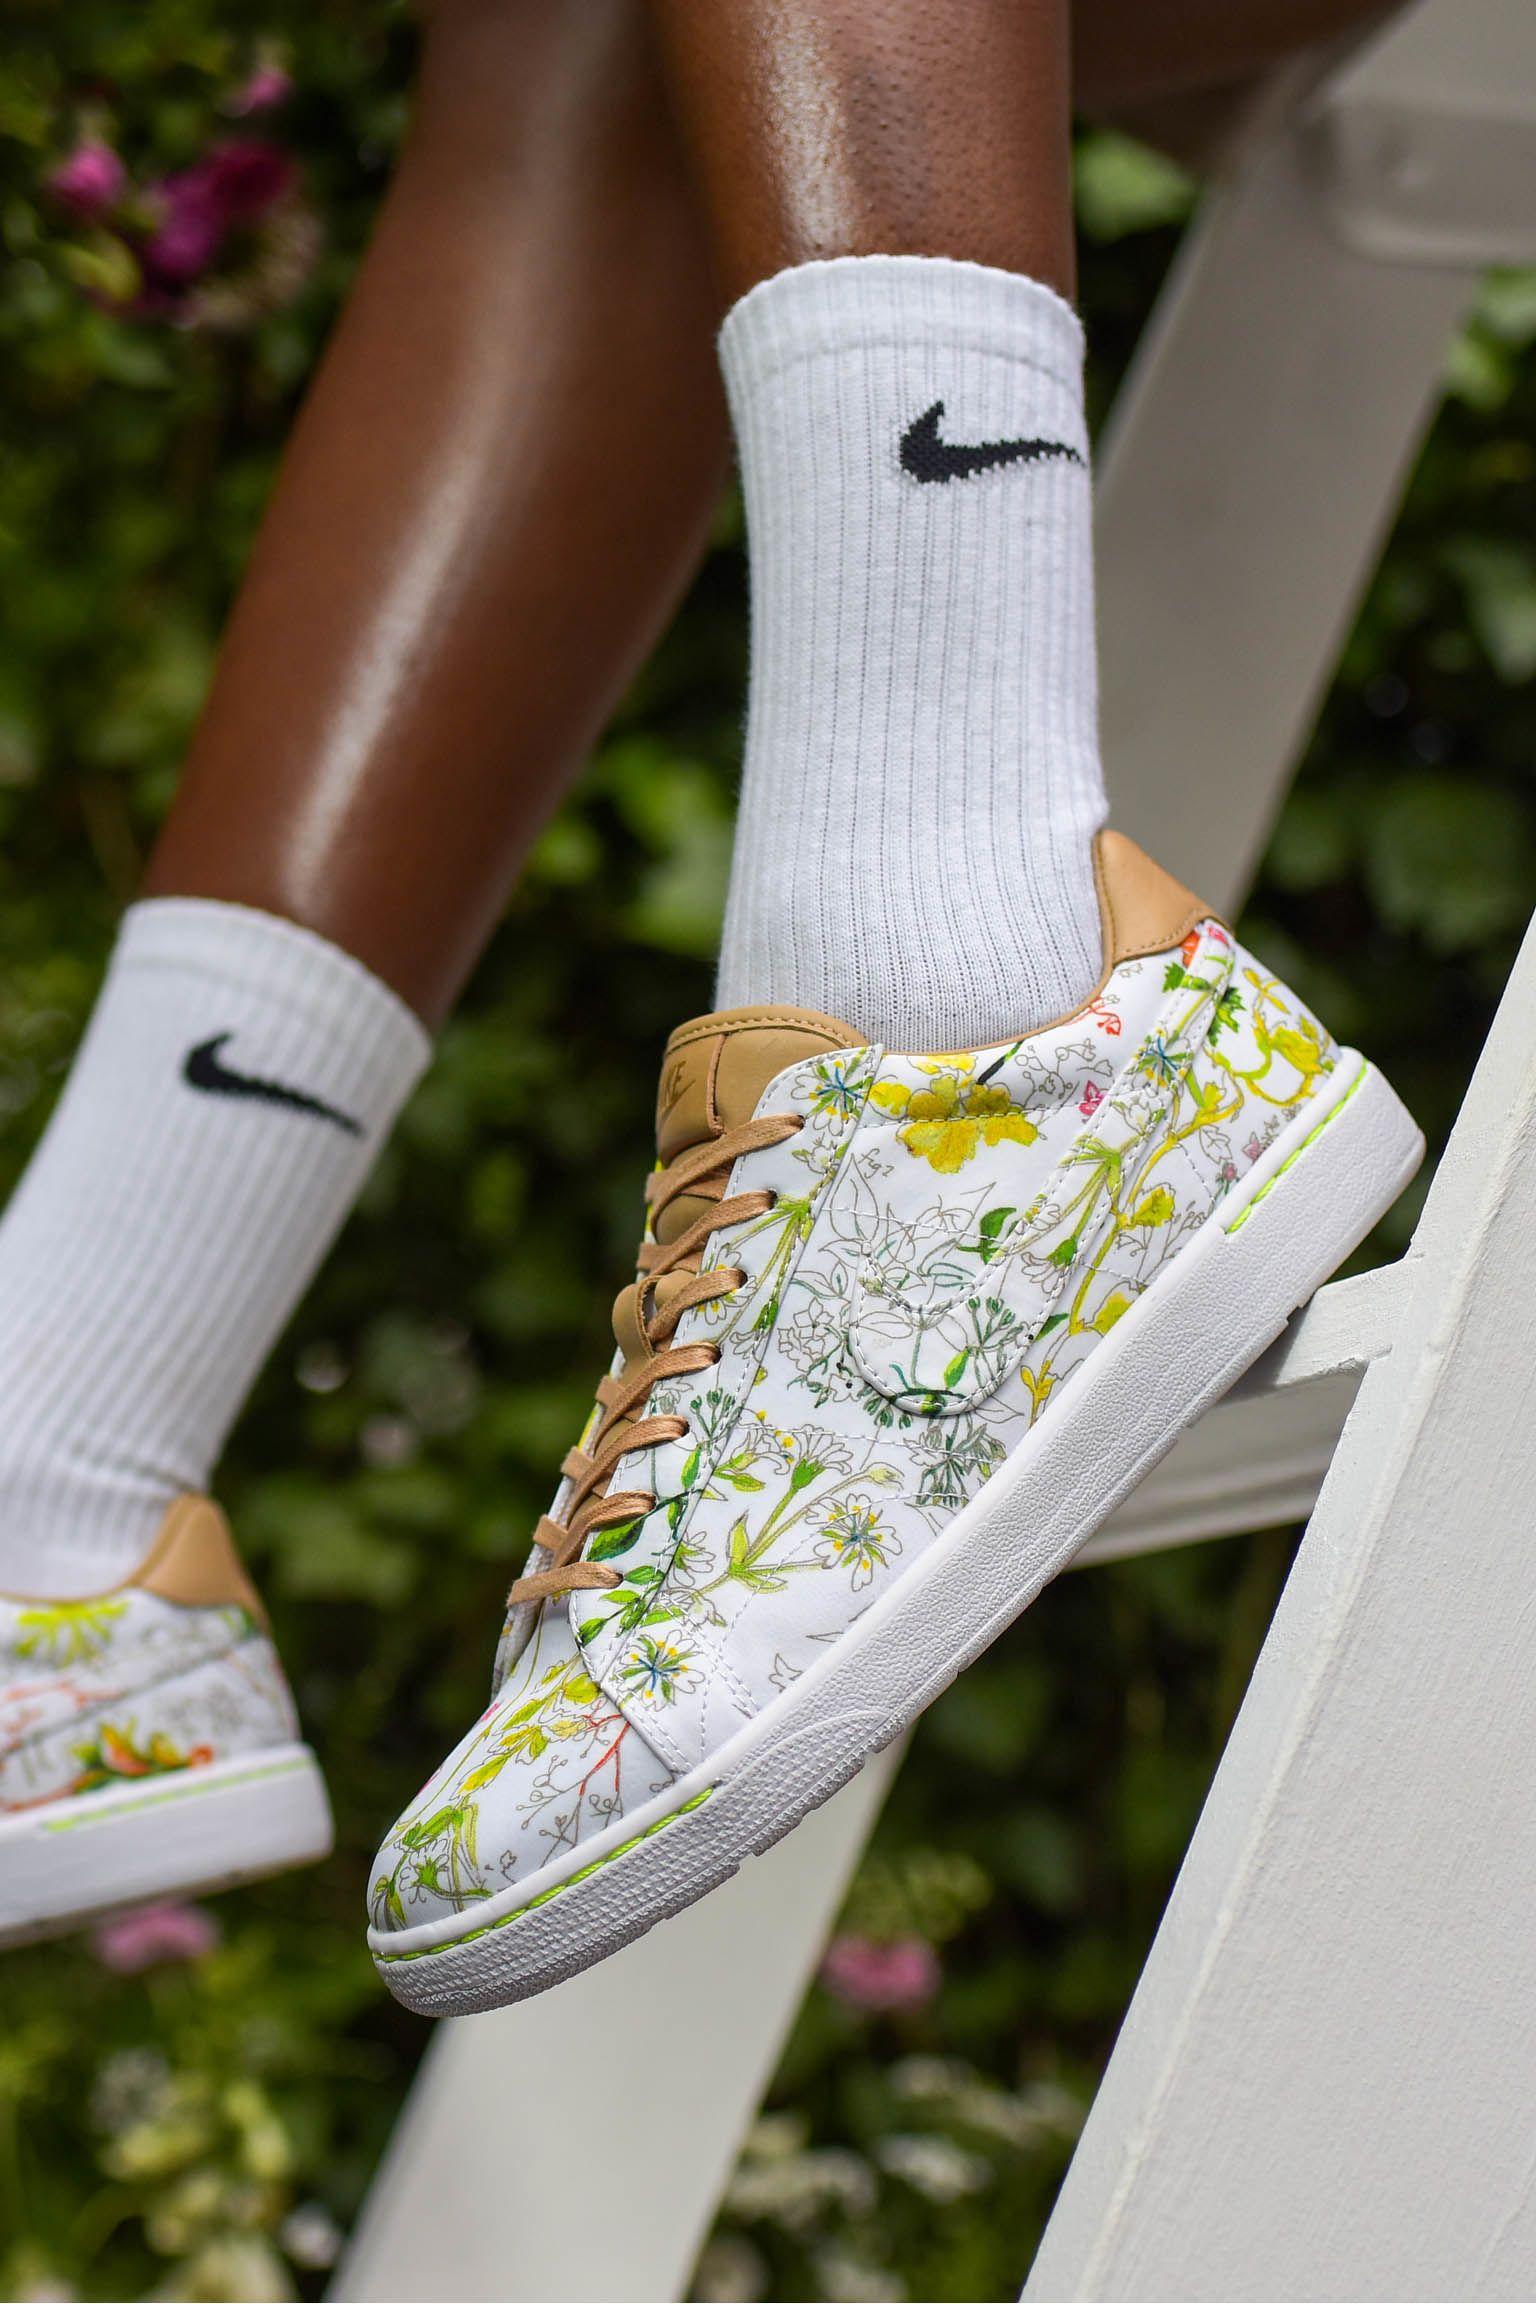 NikeCourt x Liberty Kollektion: Dawn Meadow